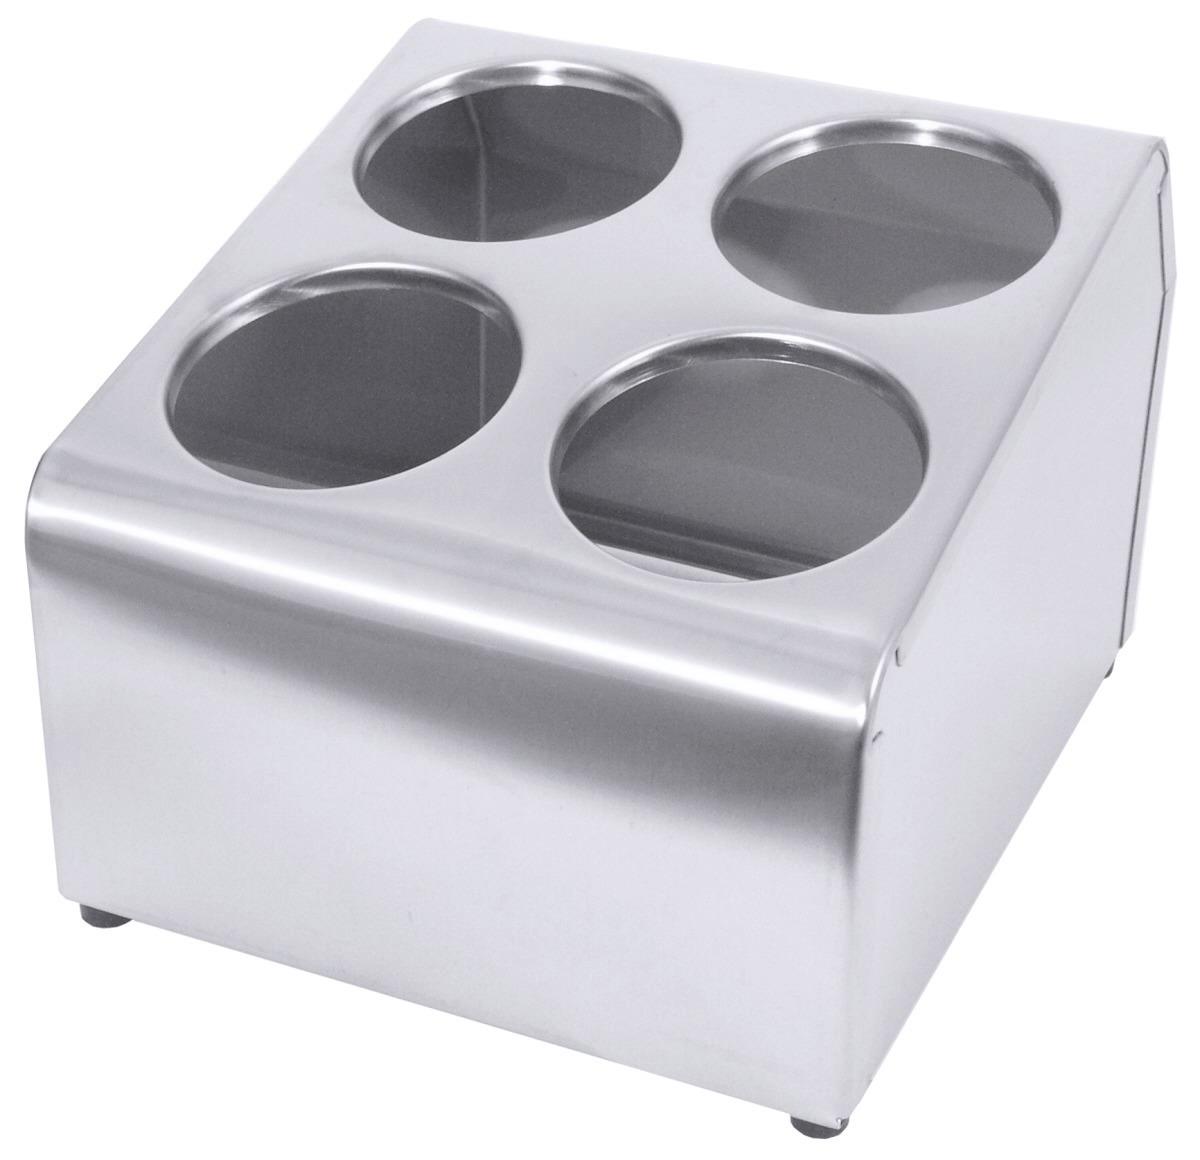 Besteckbehälter für 4 Besteckköcher 260 x 300 x 200 mm seidenmatt poliert